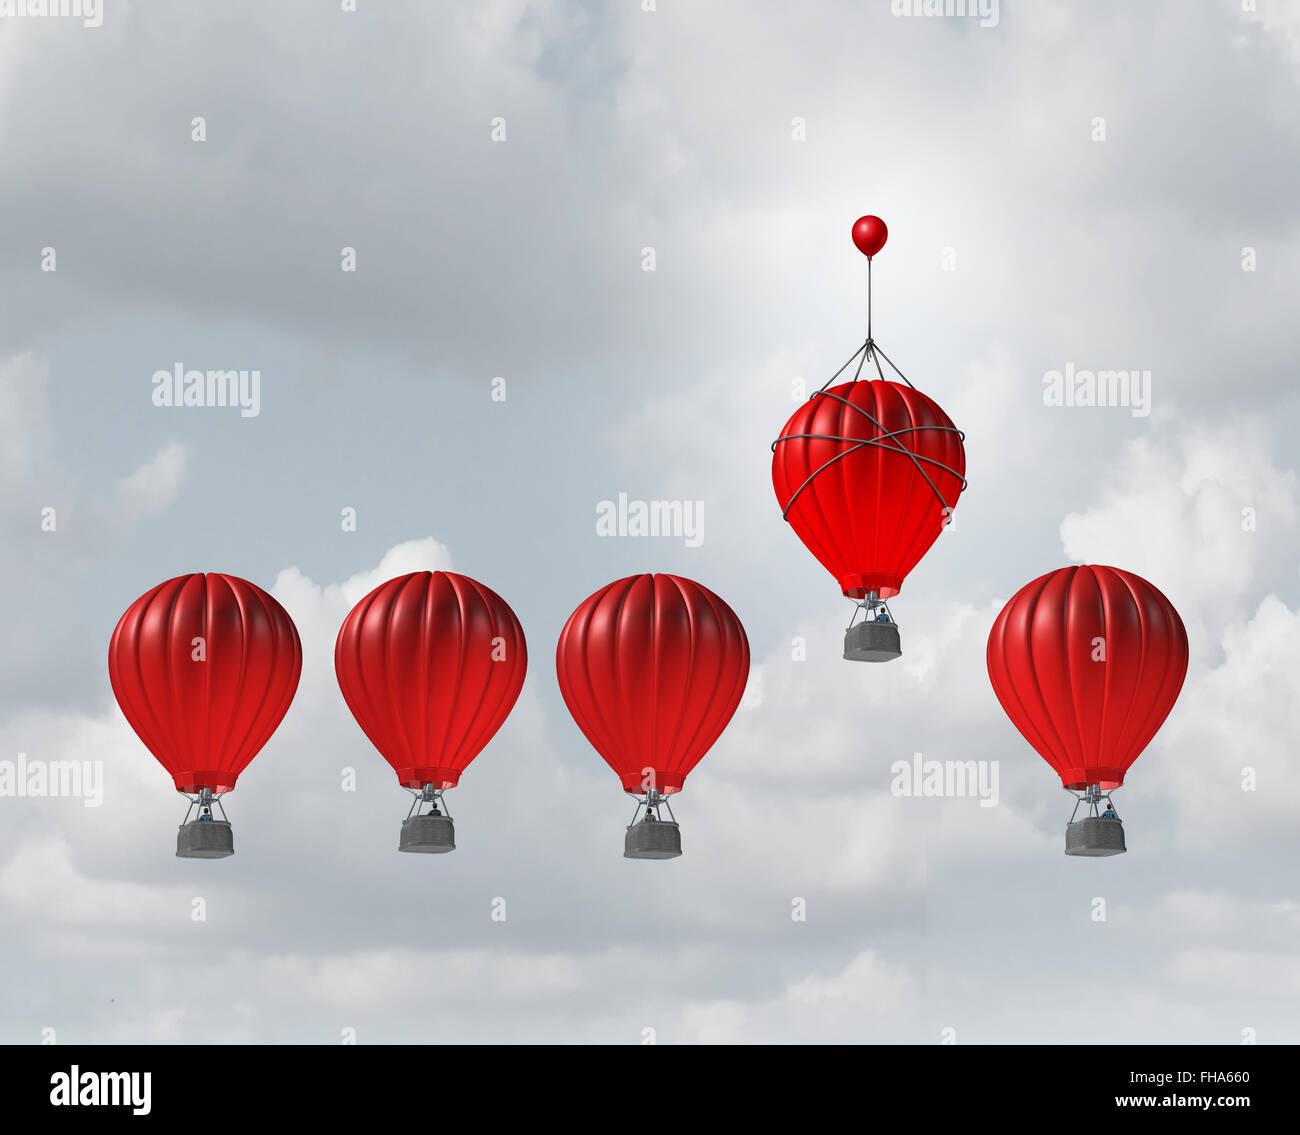 Vantaggio competitivo e di business advantage nozione come un gruppo di mongolfiere racing al top ma un individualleader Immagini Stock